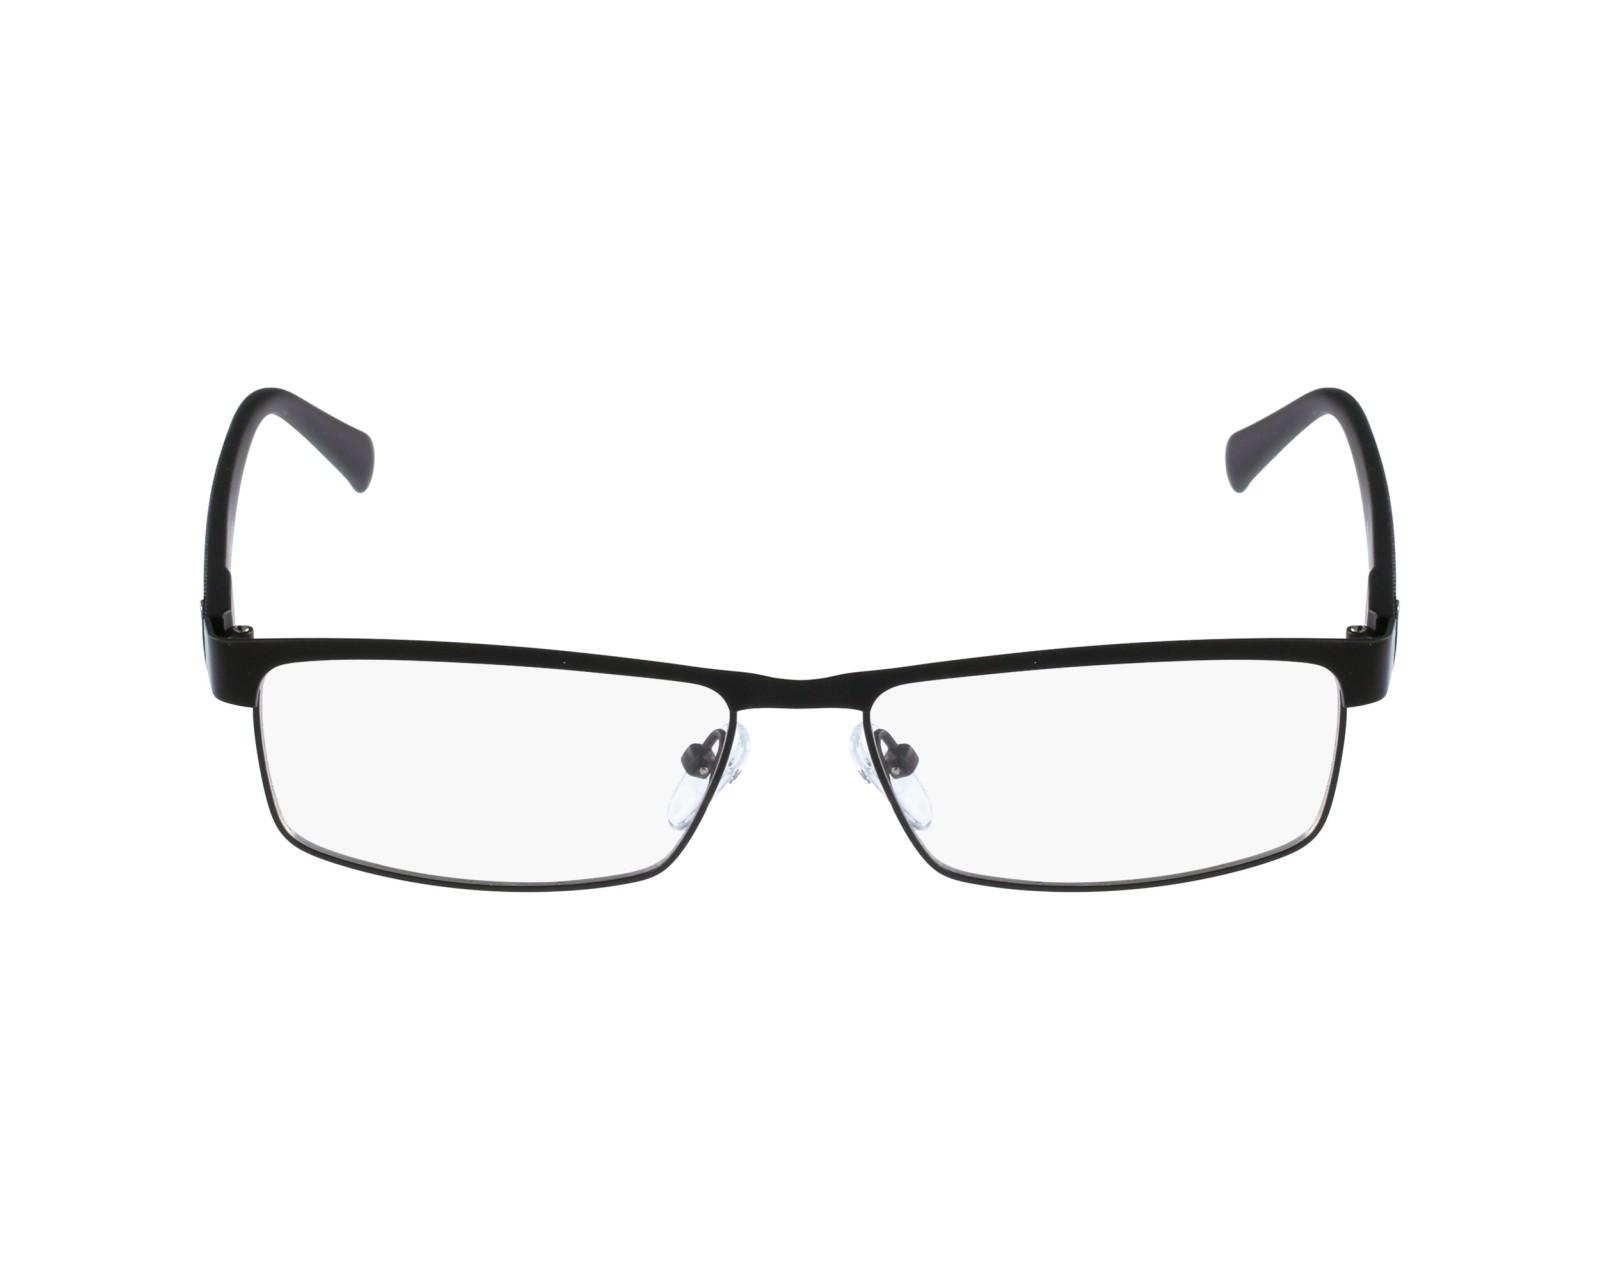 Police Glasses CRANE V-8859 0531